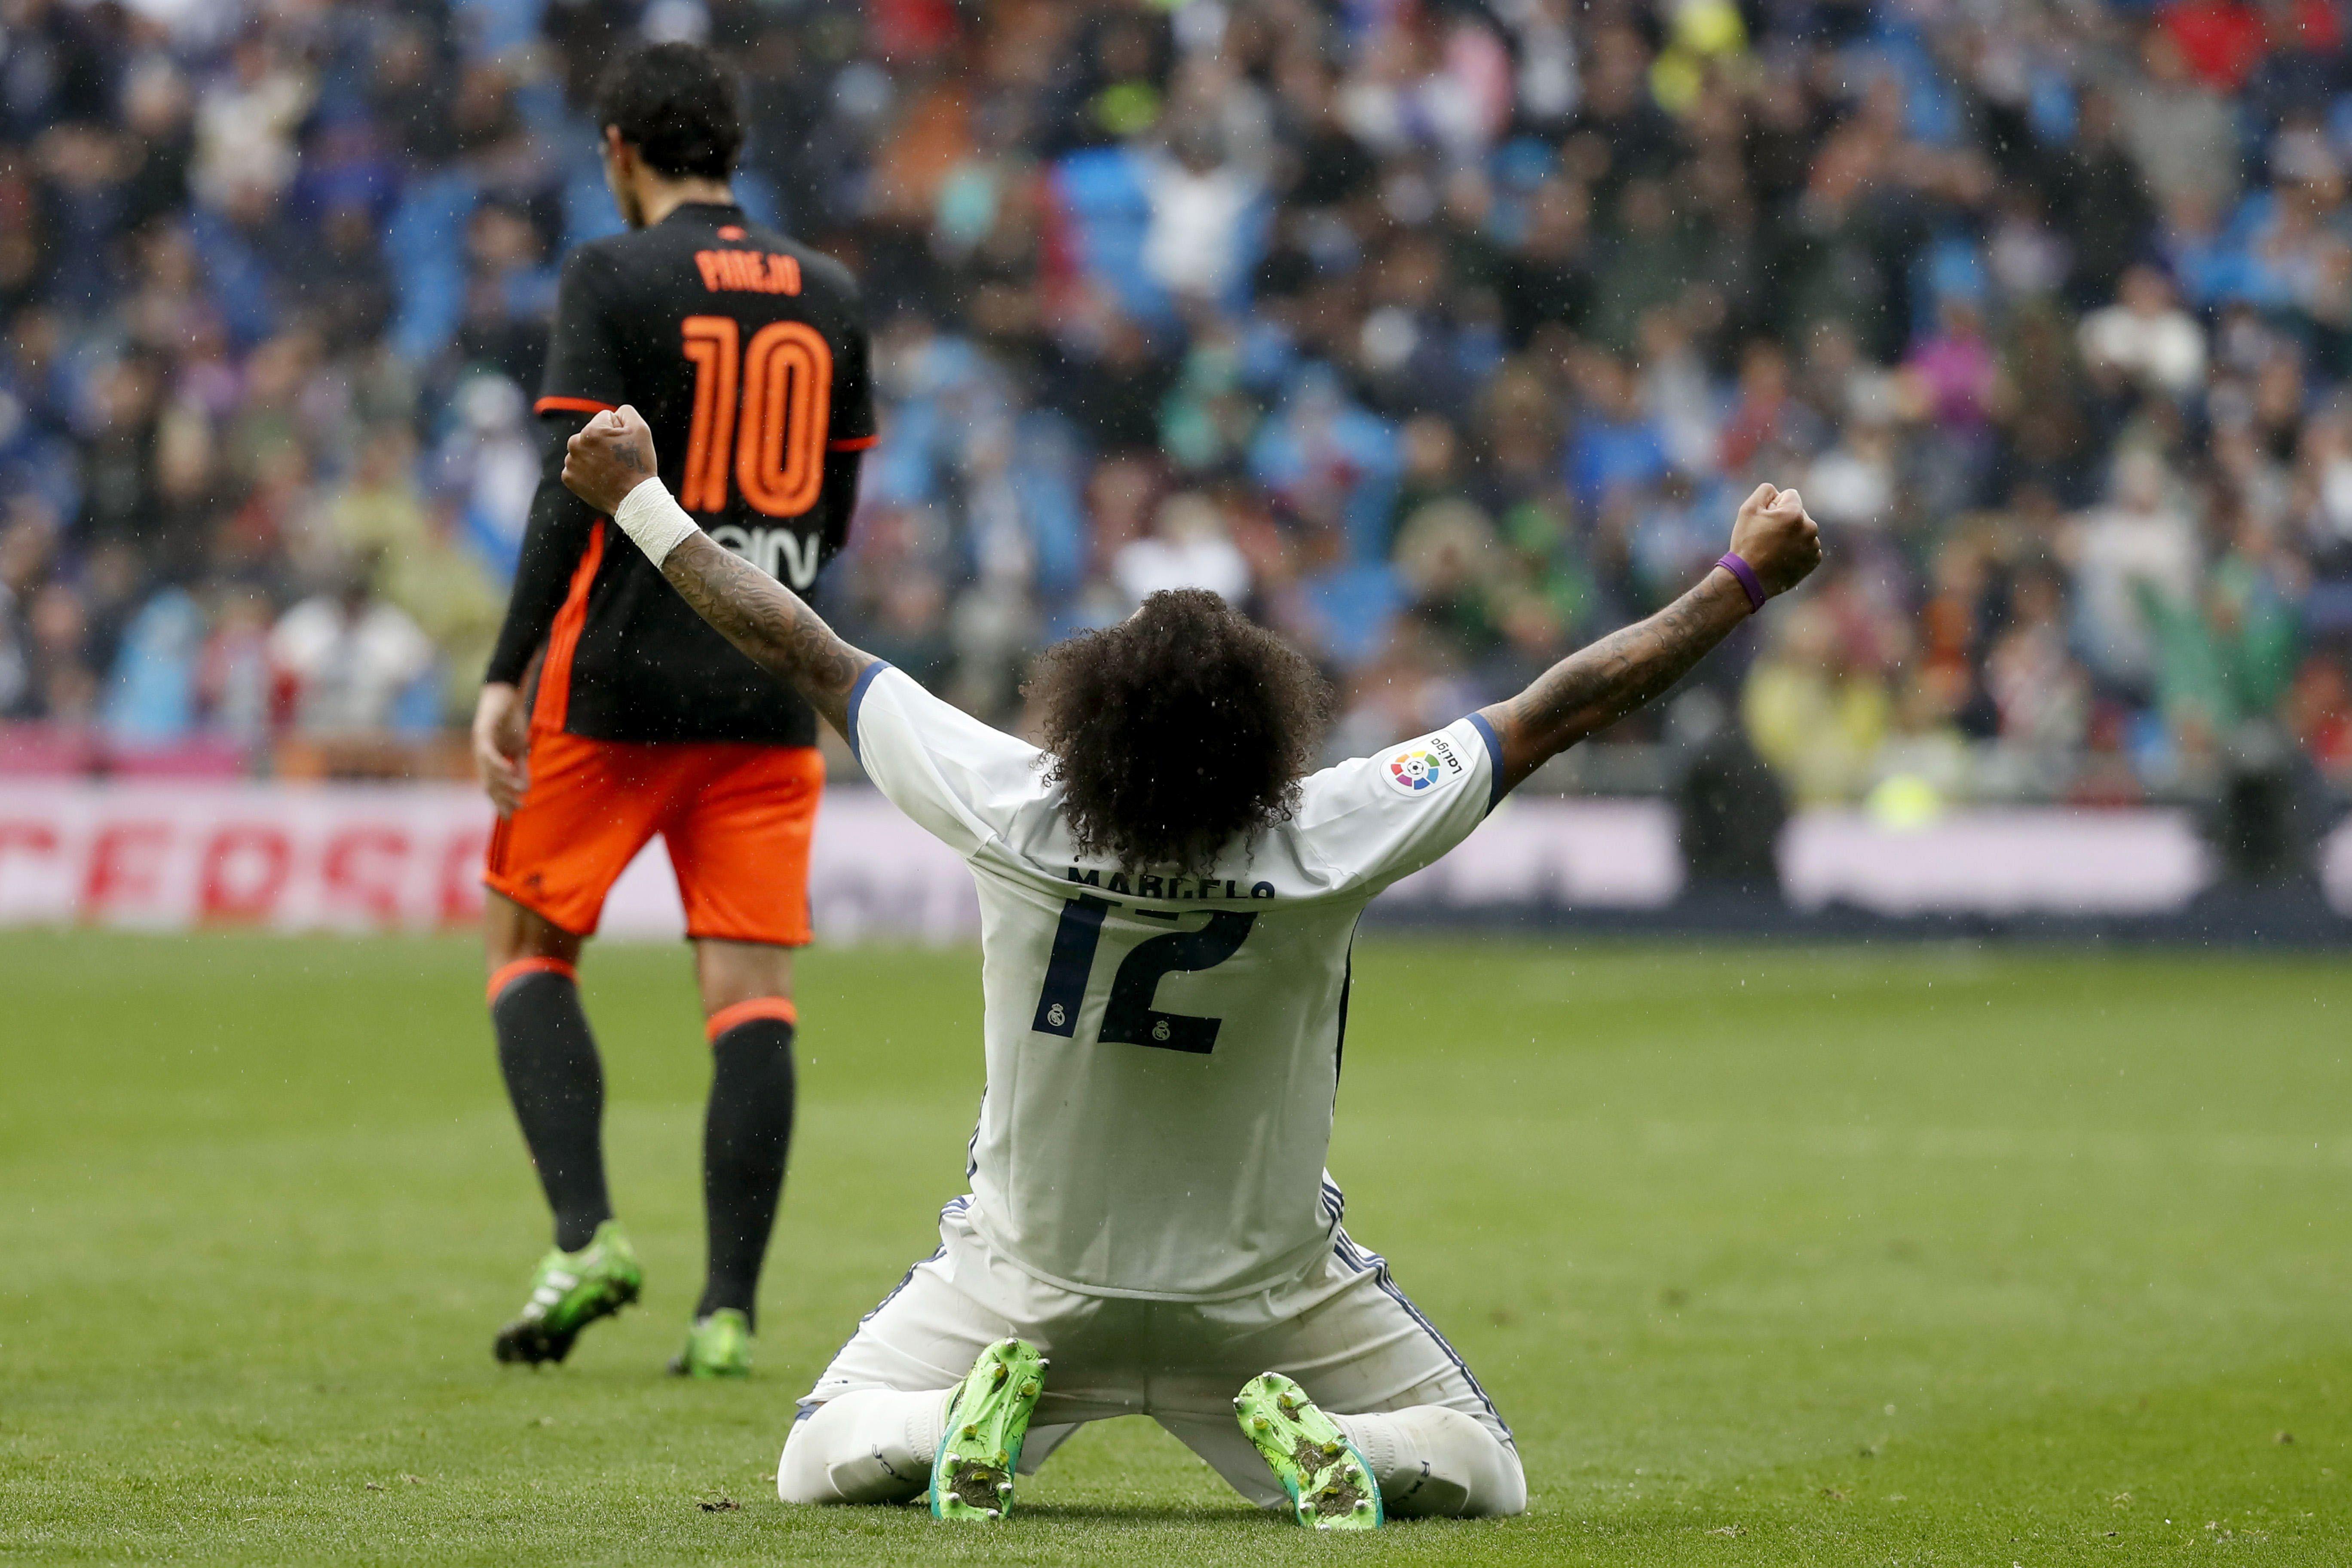 La felicidad de Marcelo en primer plano, detrás la desazón de Dani Parejo<br>